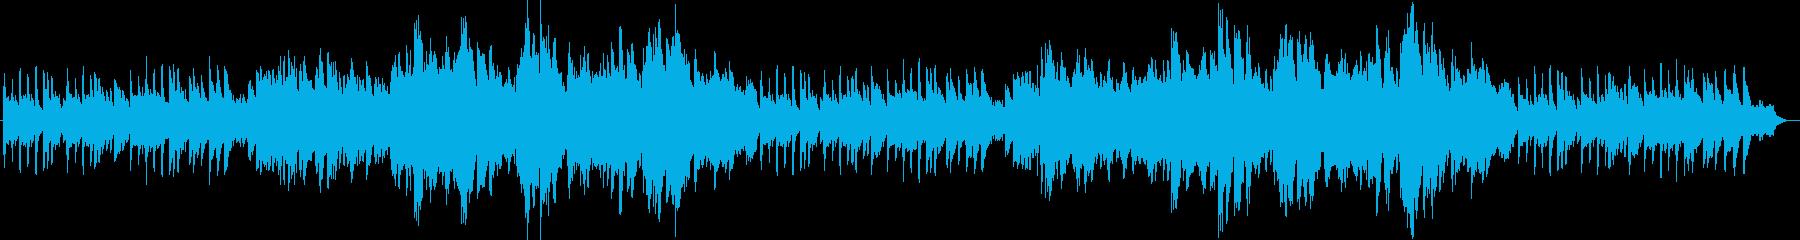 和風の穏やかで切ないオカリナ生演奏の再生済みの波形